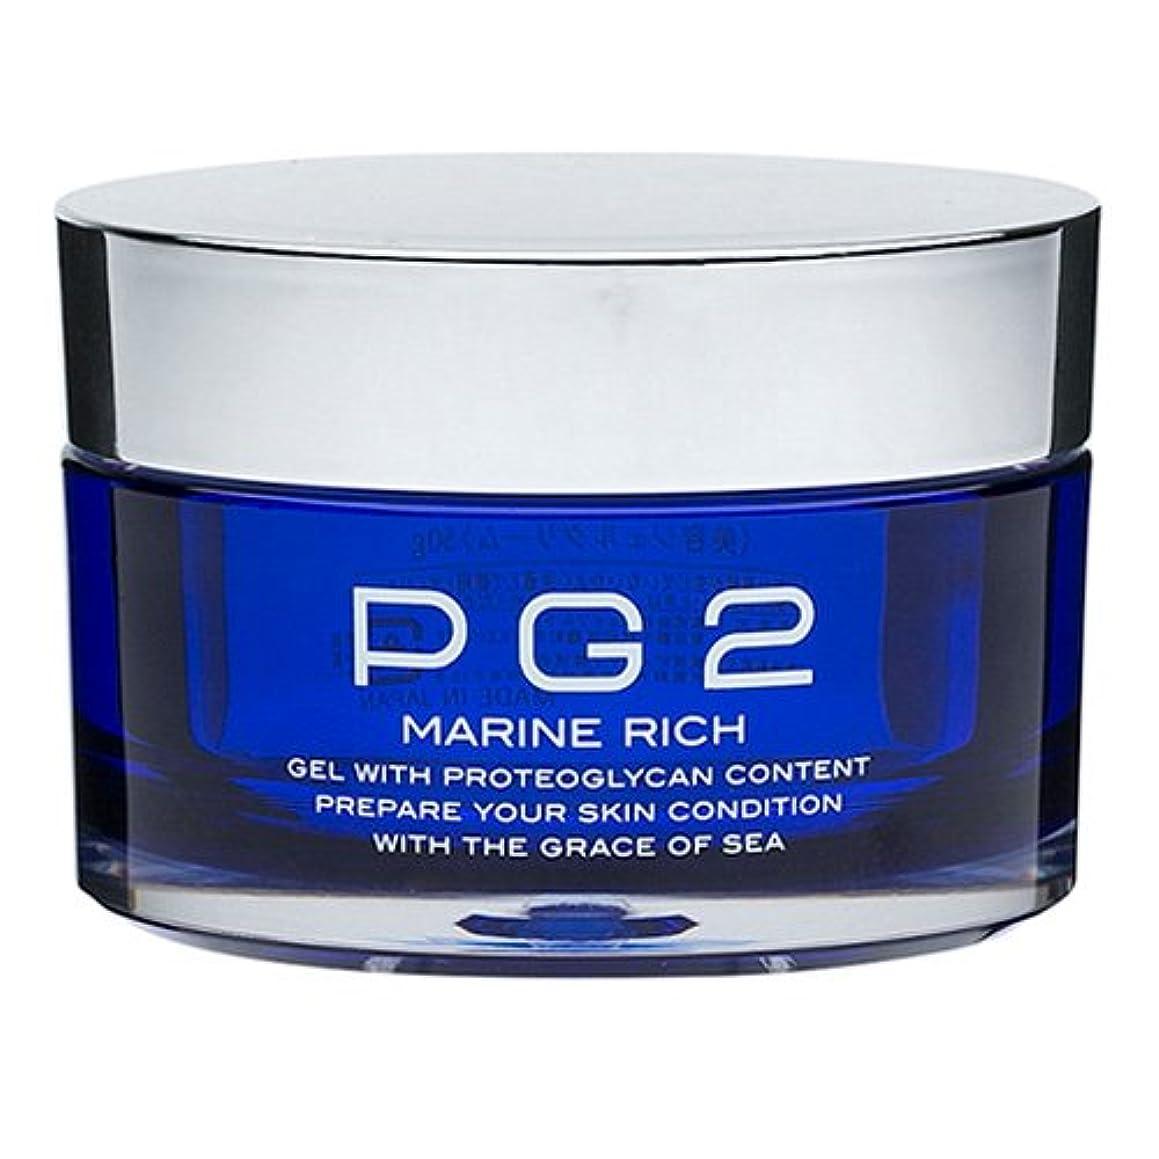 シマウマ酸っぱいまつげPG2 マリーンリッチ プロテオグリカン配合オールインワン